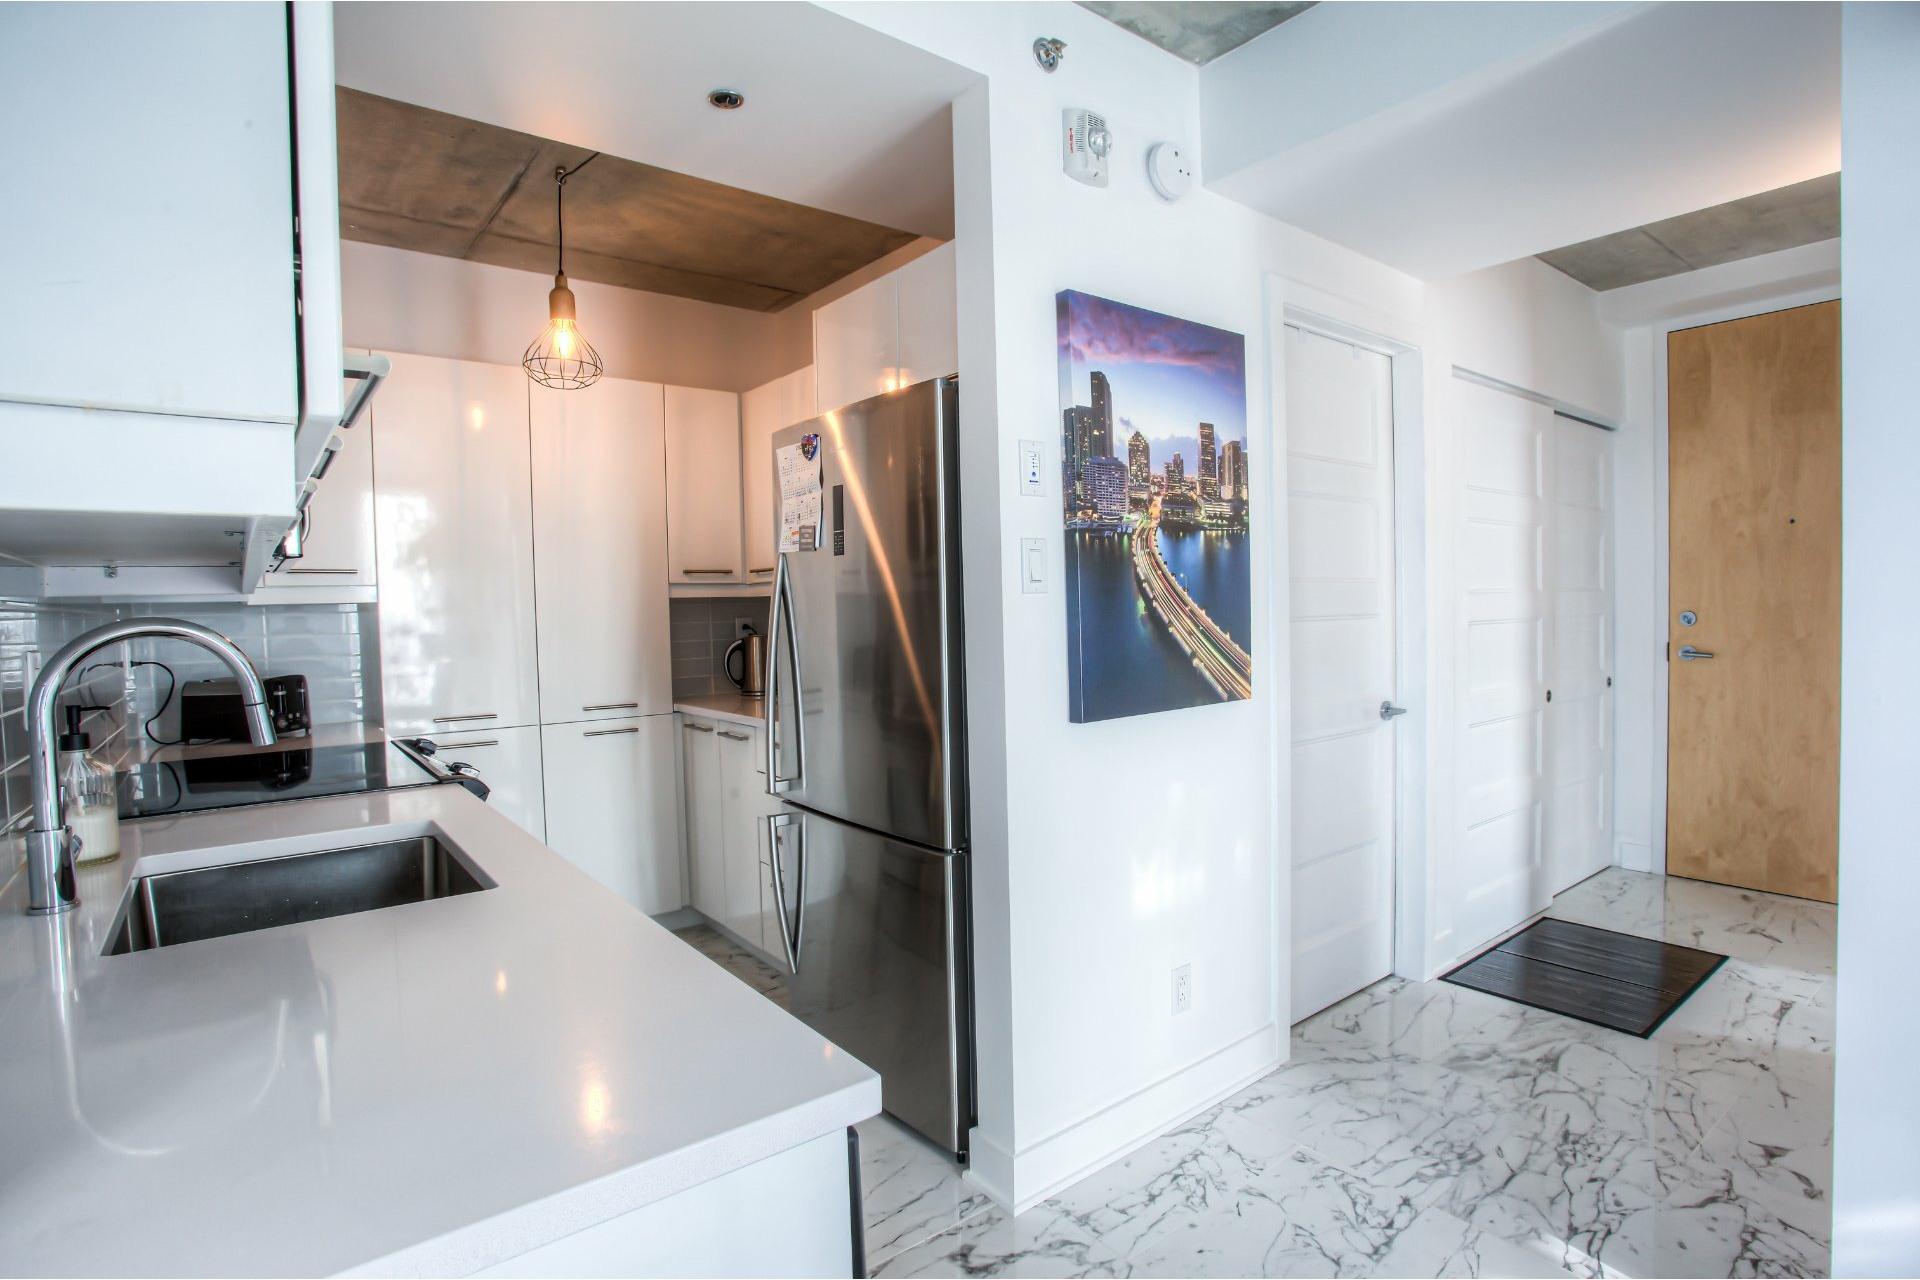 image 8 - Appartement À vendre Le Sud-Ouest Montréal  - 5 pièces